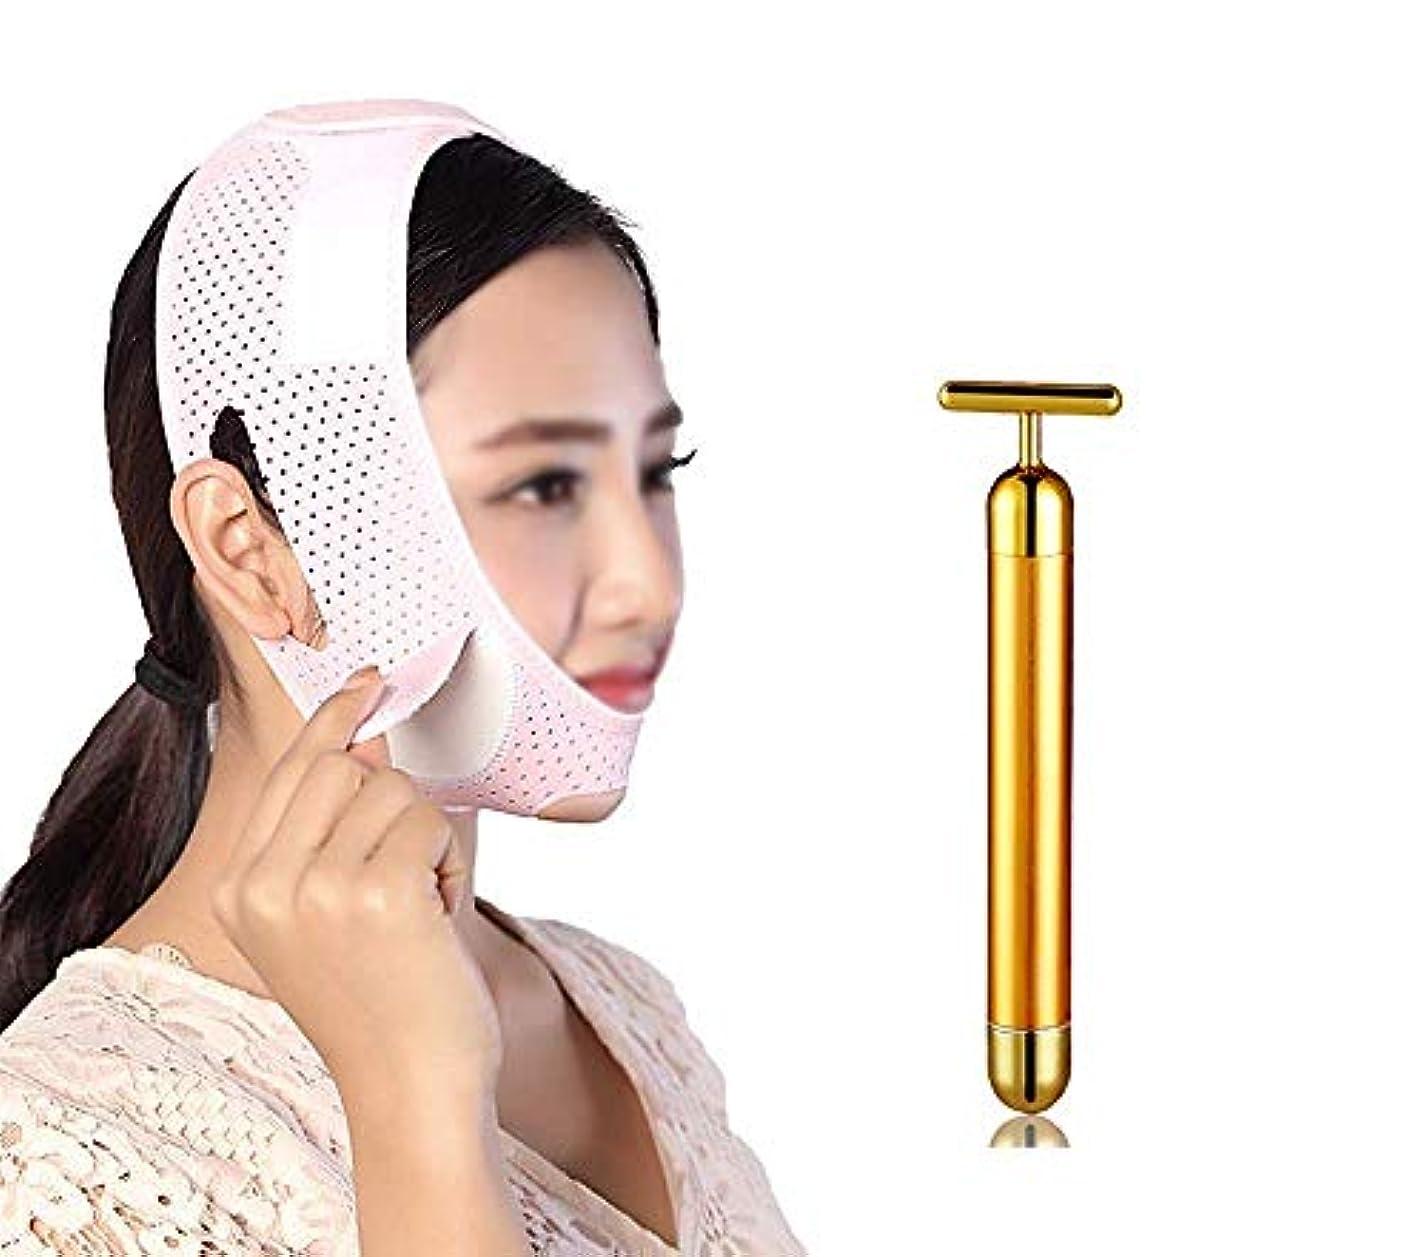 知恵海外で悪因子顔と首を持ち上げる術後弾性セットVフェイスマスクは、チンV顔アーティファクト回復サポートベルトの収縮の調整を強化します。